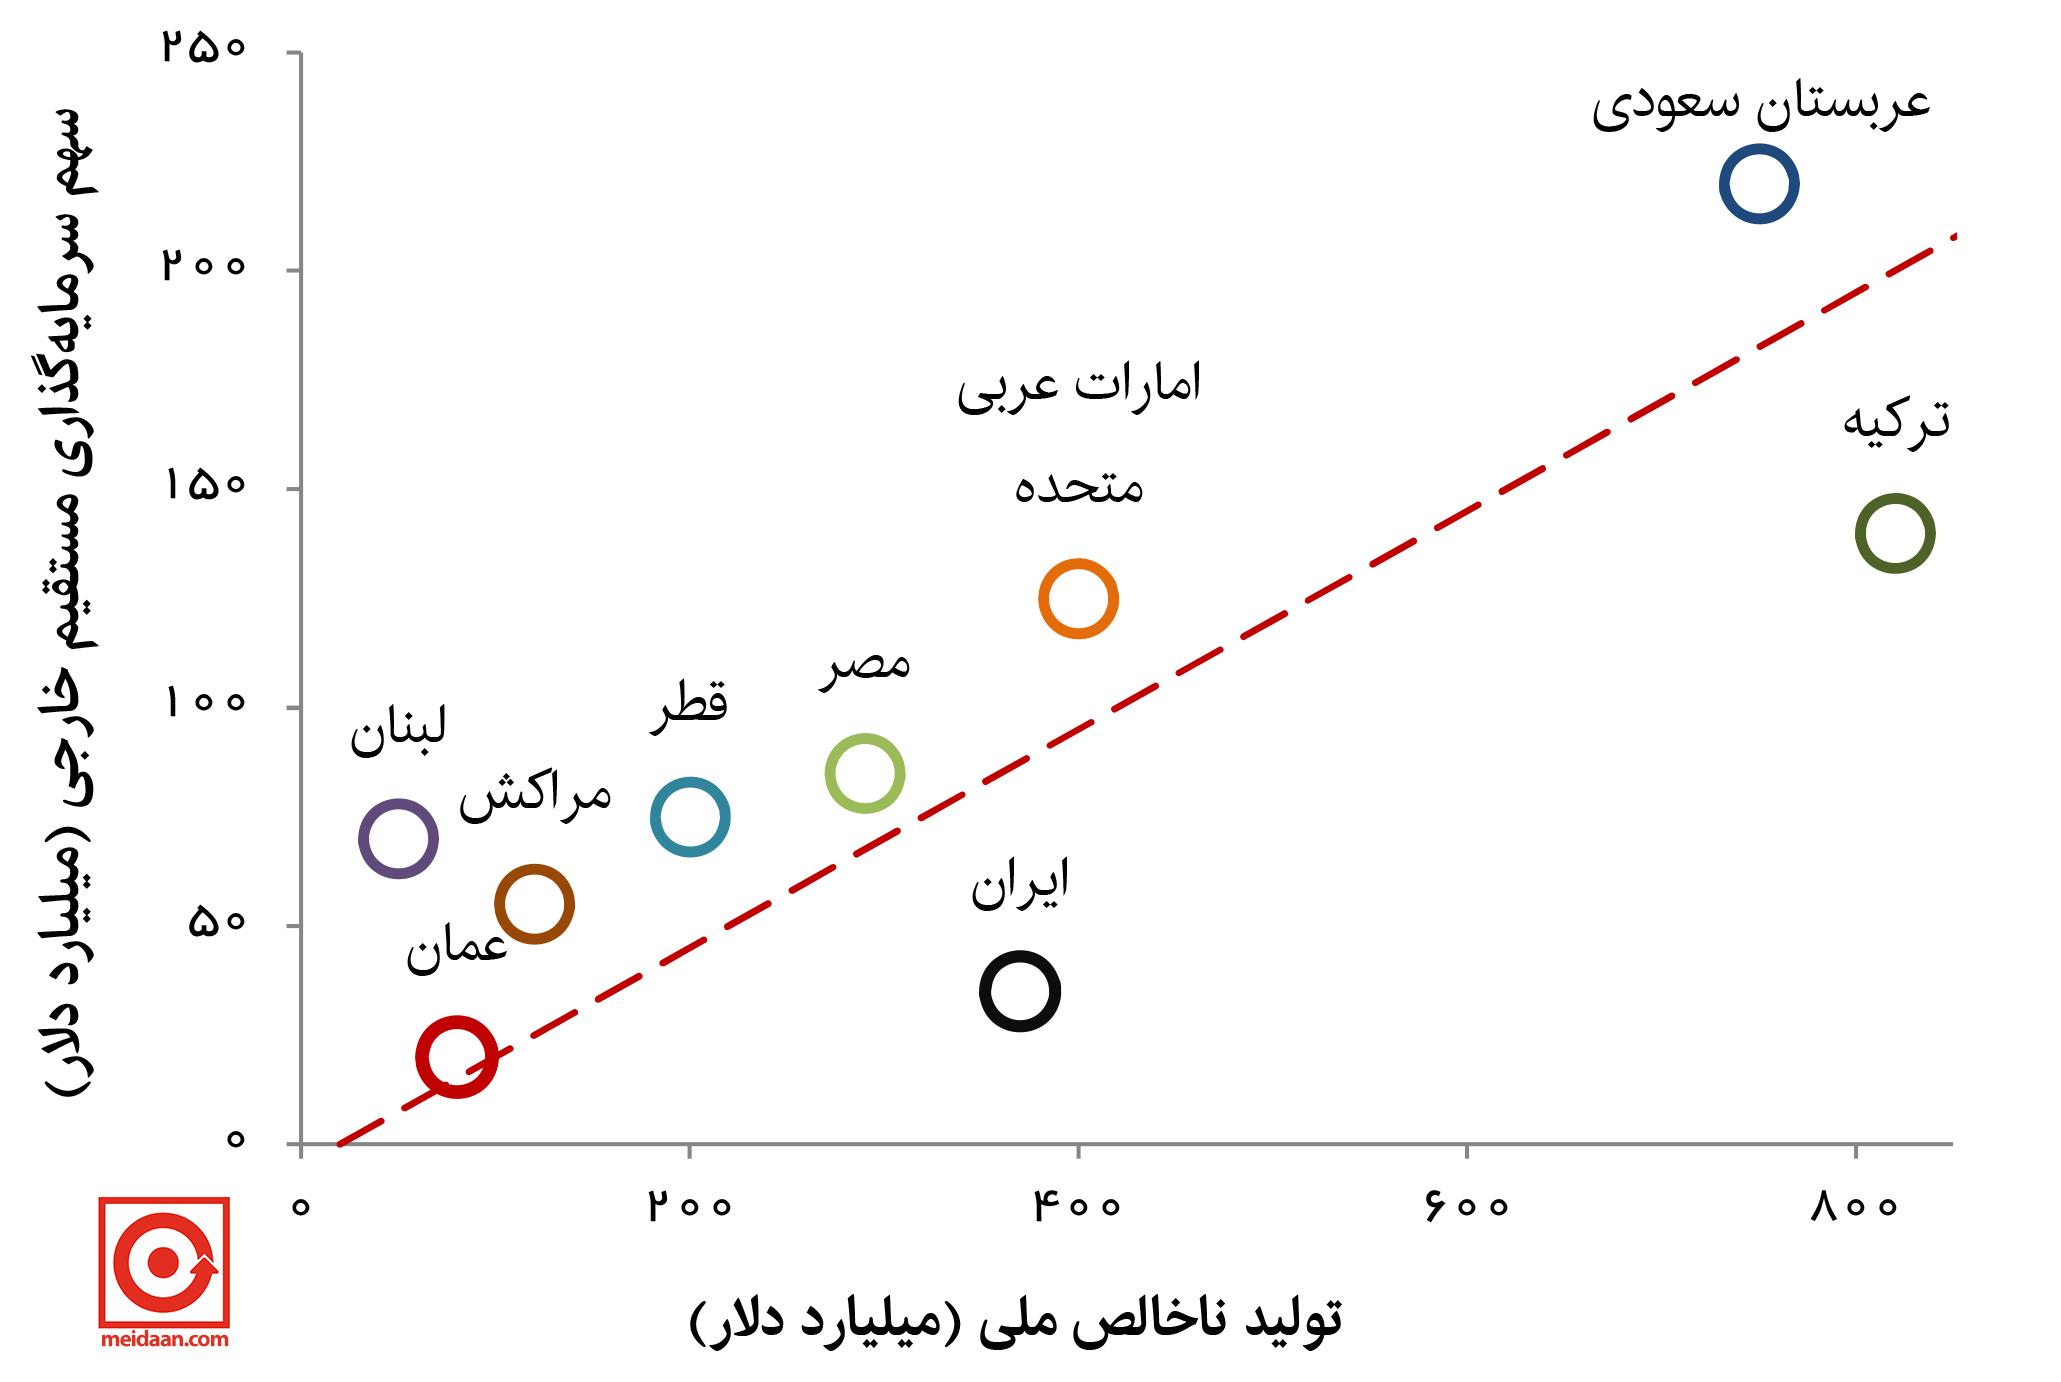 FDI-IRAN-MENA